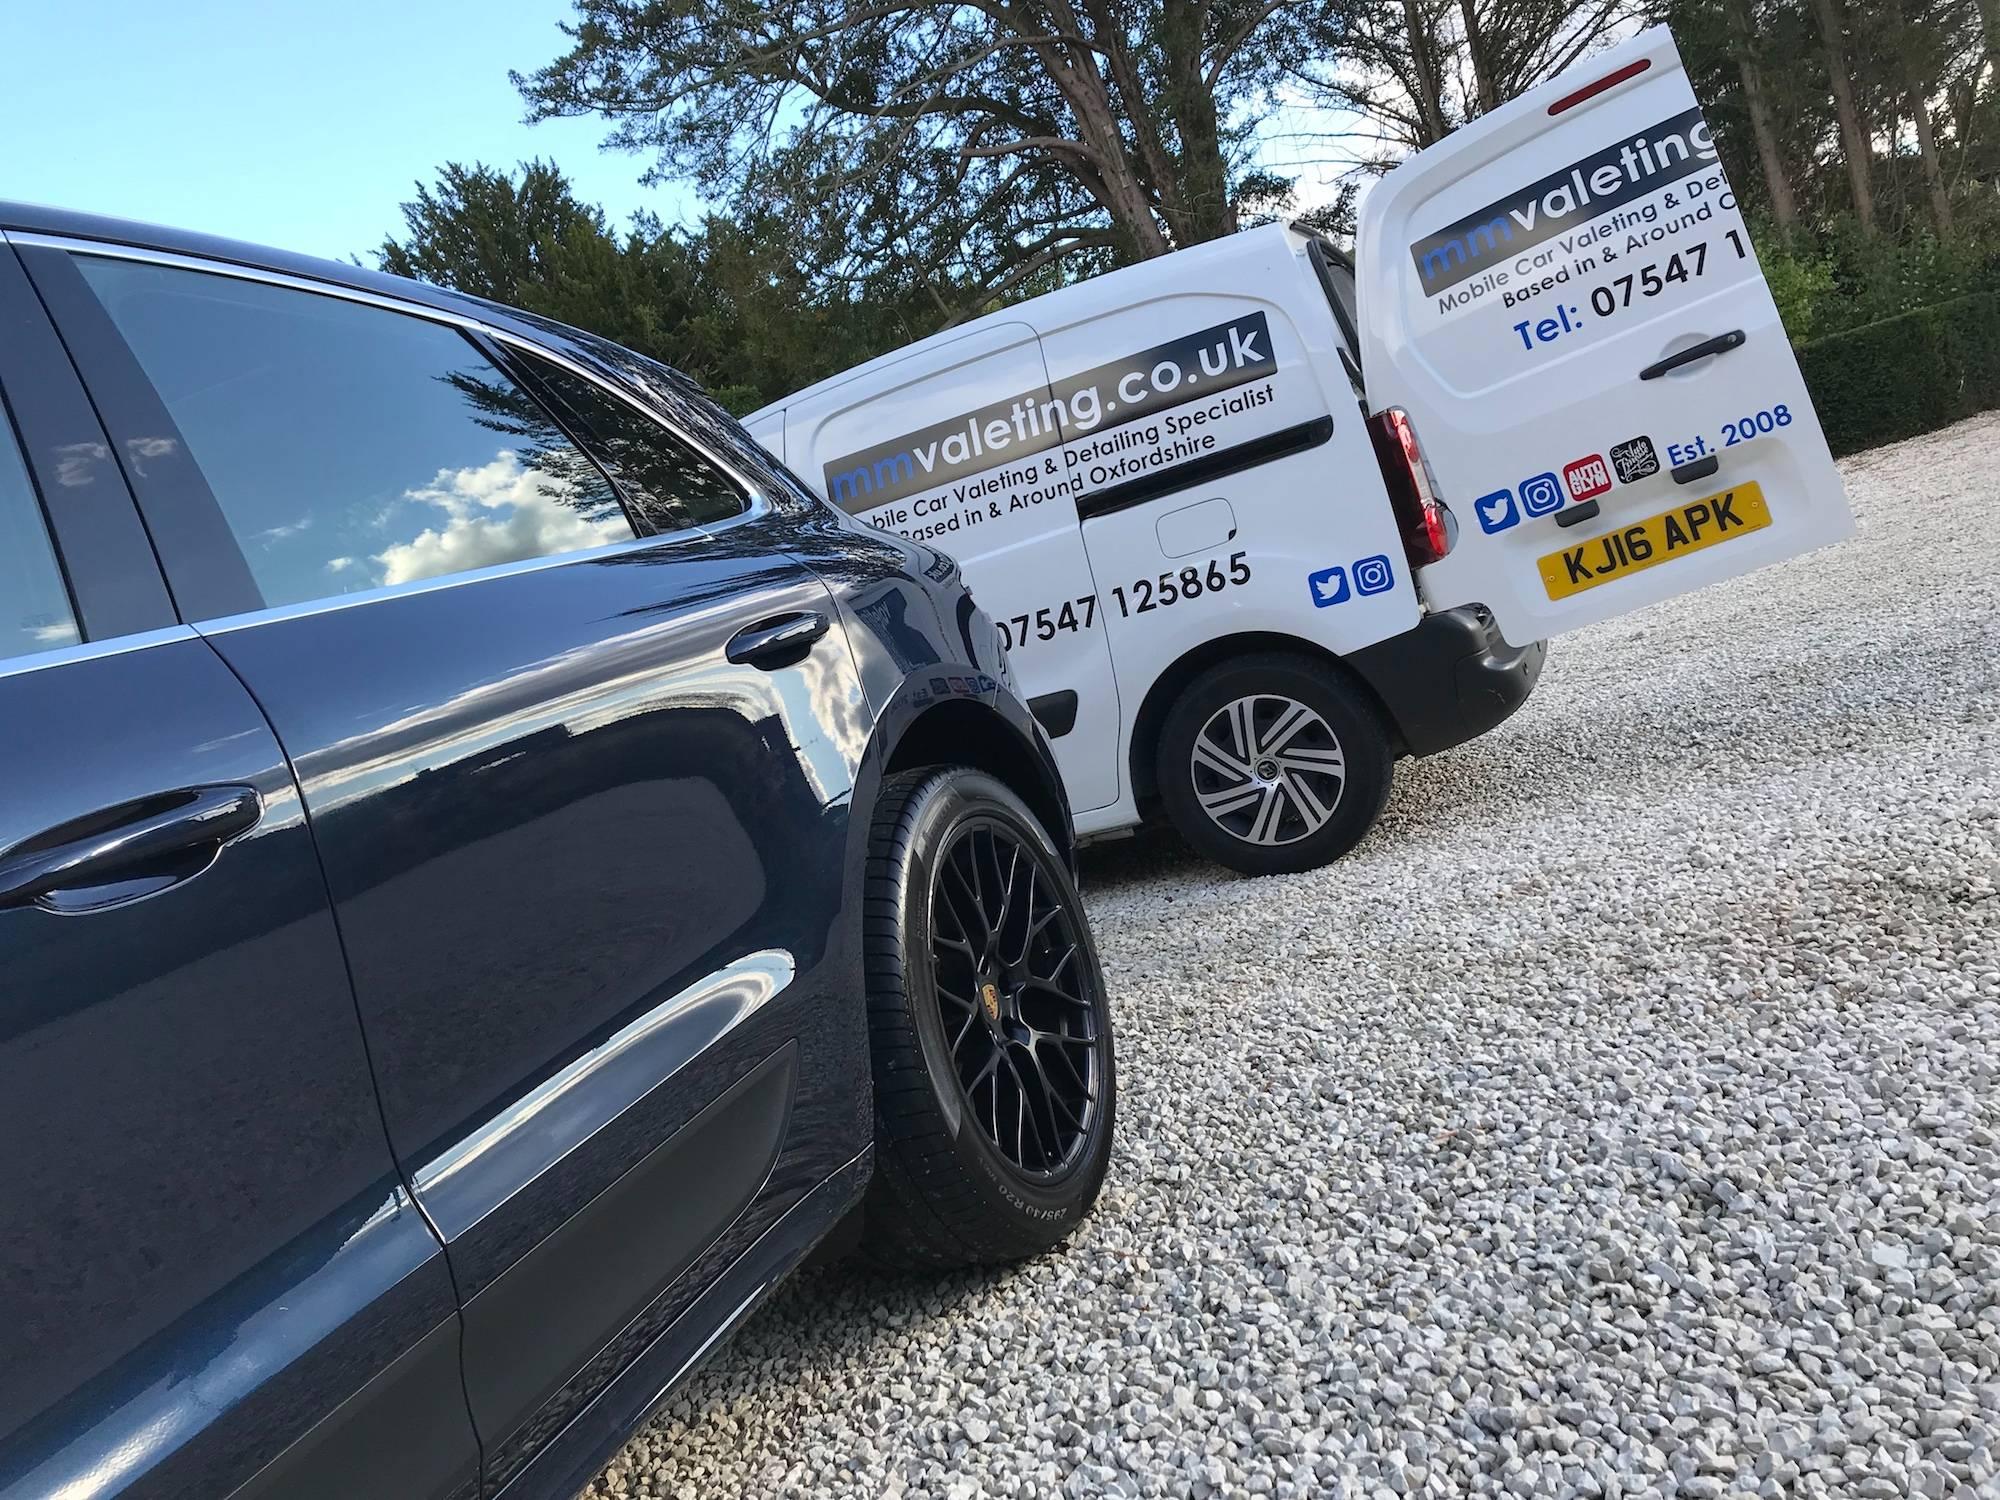 mmvaleting van - car valeting in Buckinghamshire